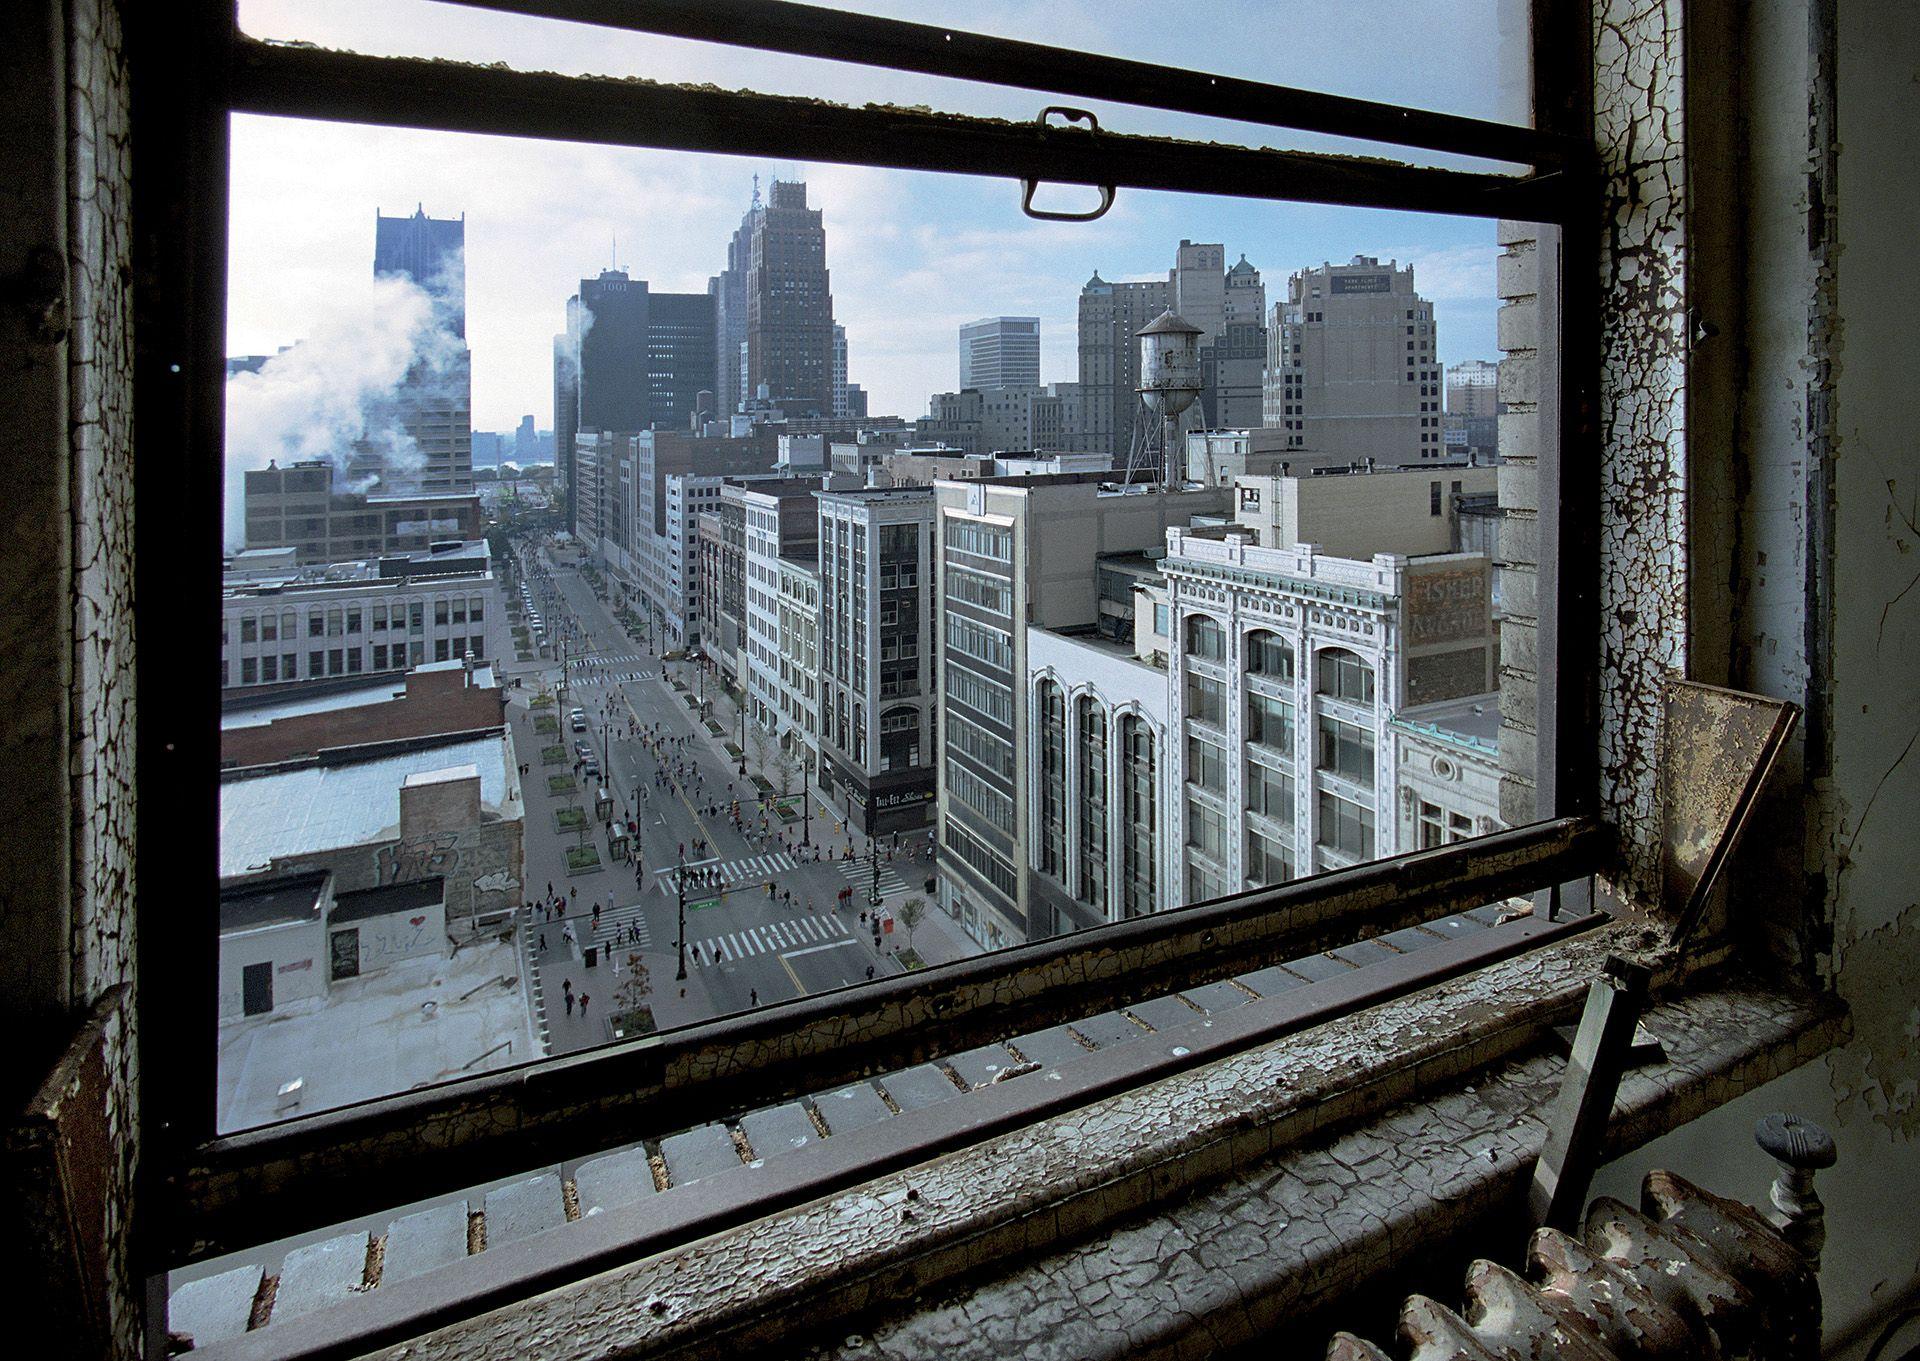 les ruines de détroit, carnet de voyage aux Etats-Unis - Yves Marchand et romain Meffre- Détroit - Etats-Unis - photographie - Bouts du monde